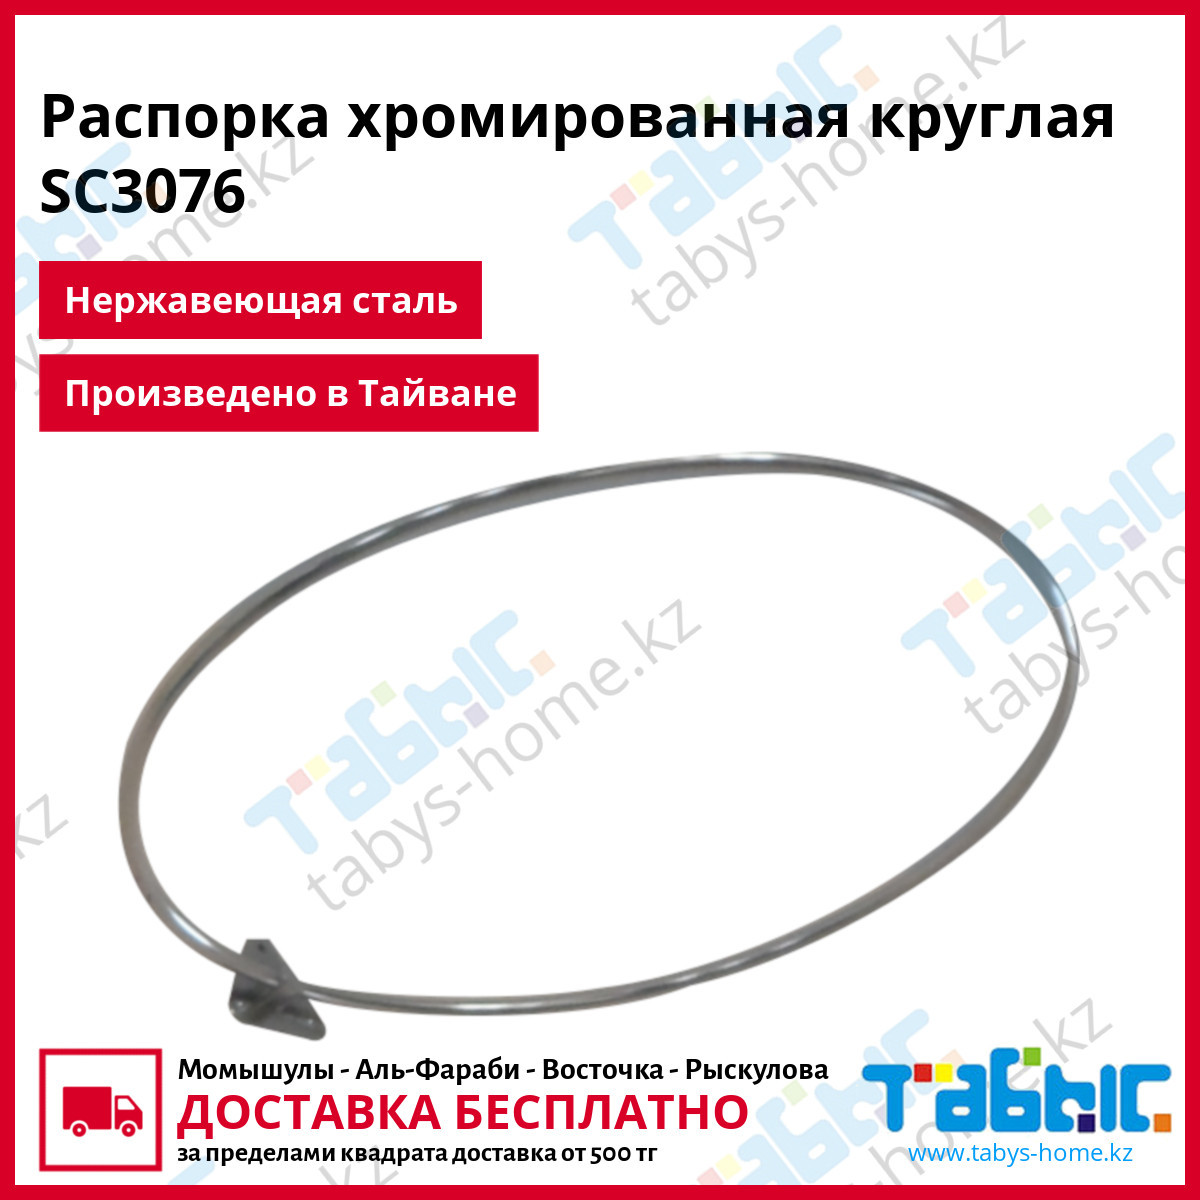 Распорка хромированная круглая  SC3076